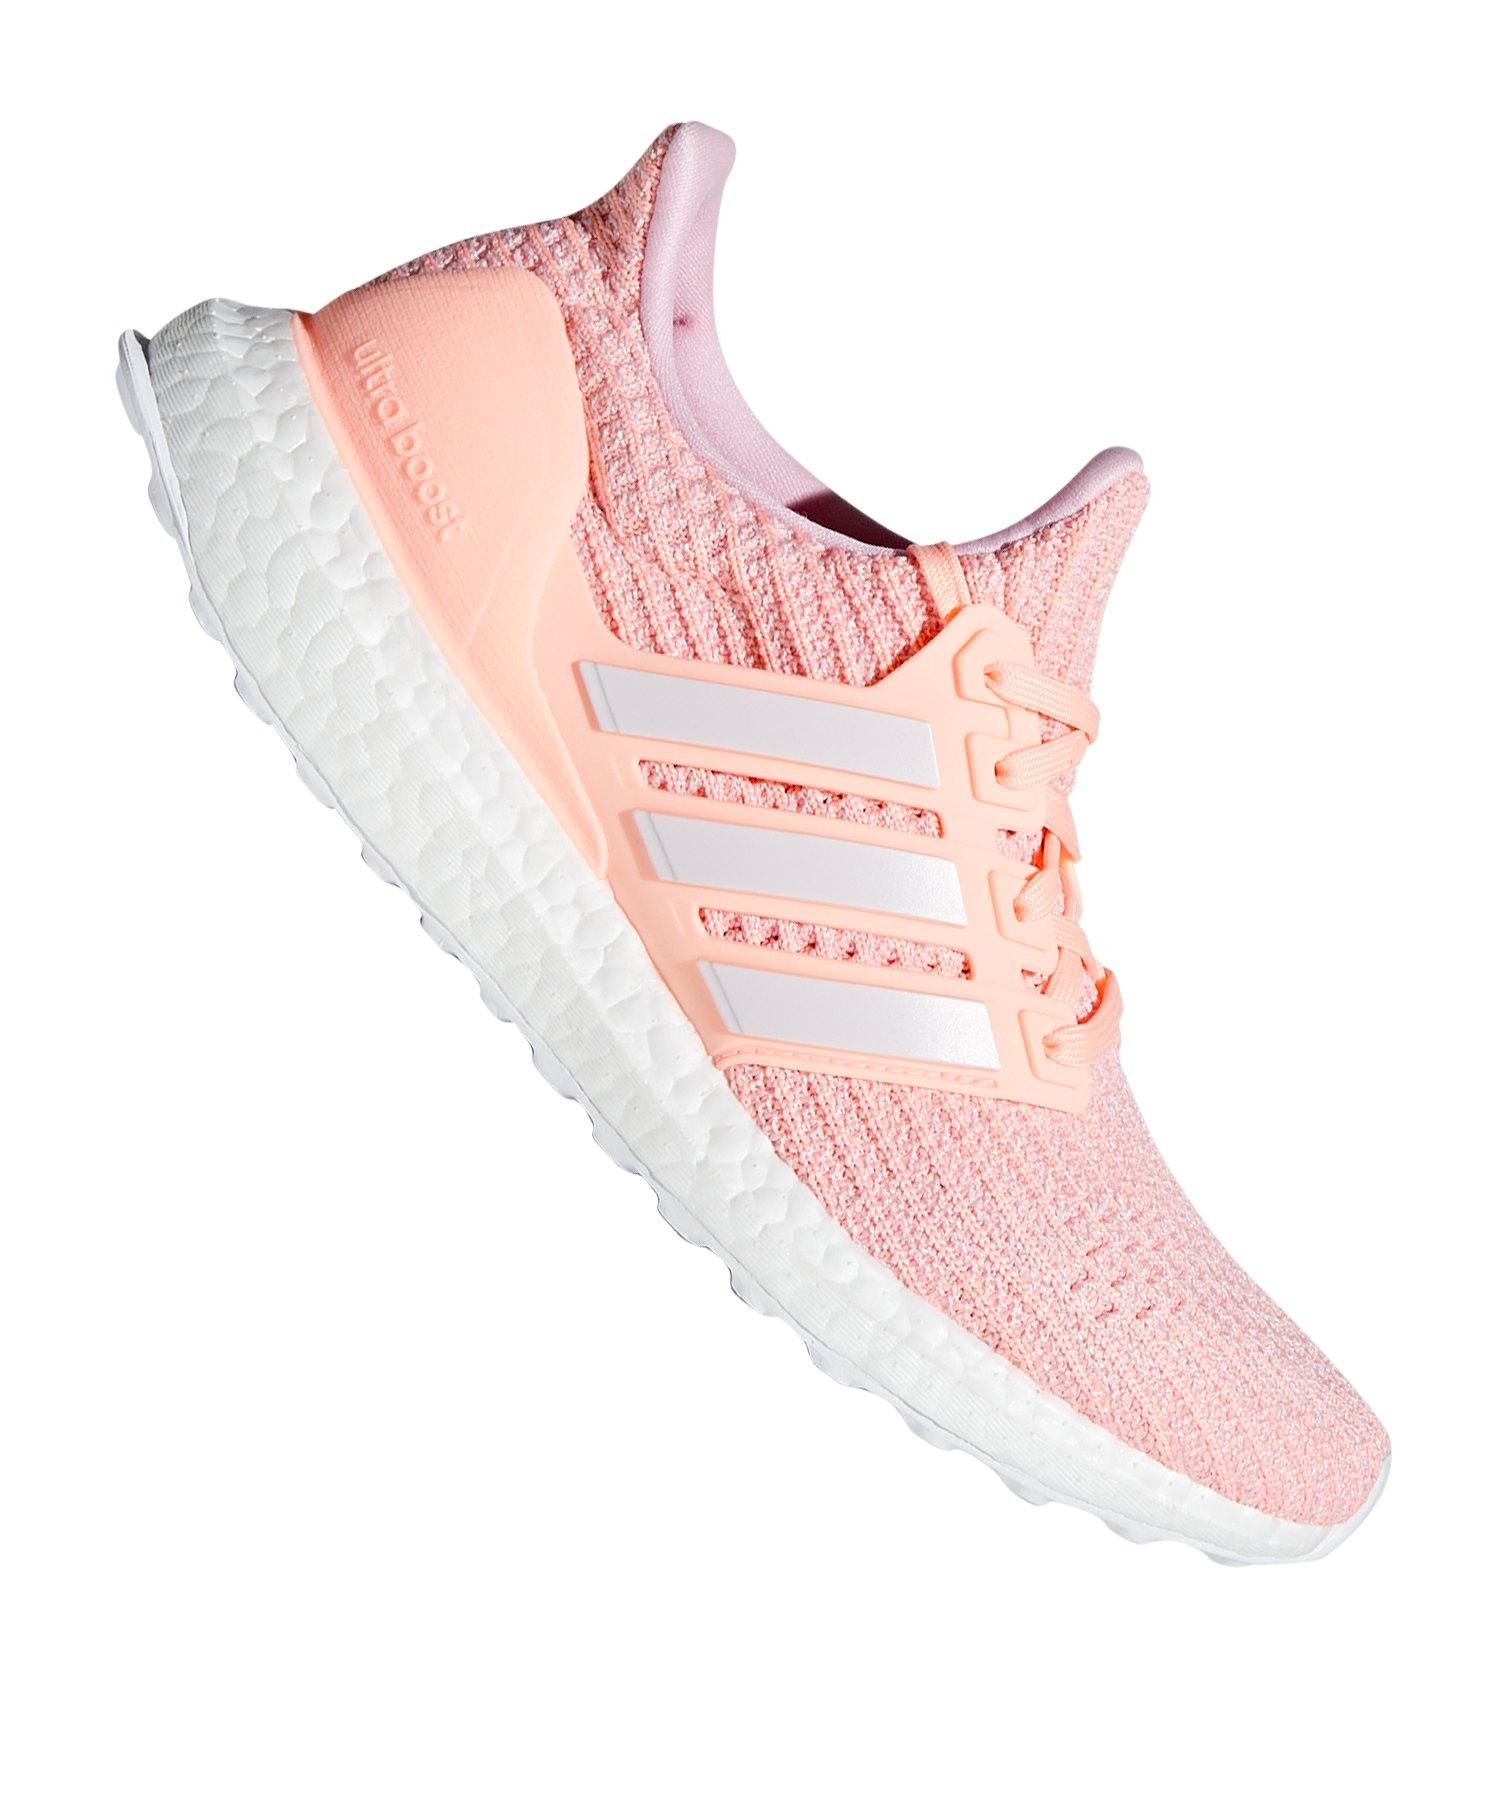 adidas Ultra Boost Sneaker Damen Rosa Weiss - rosa